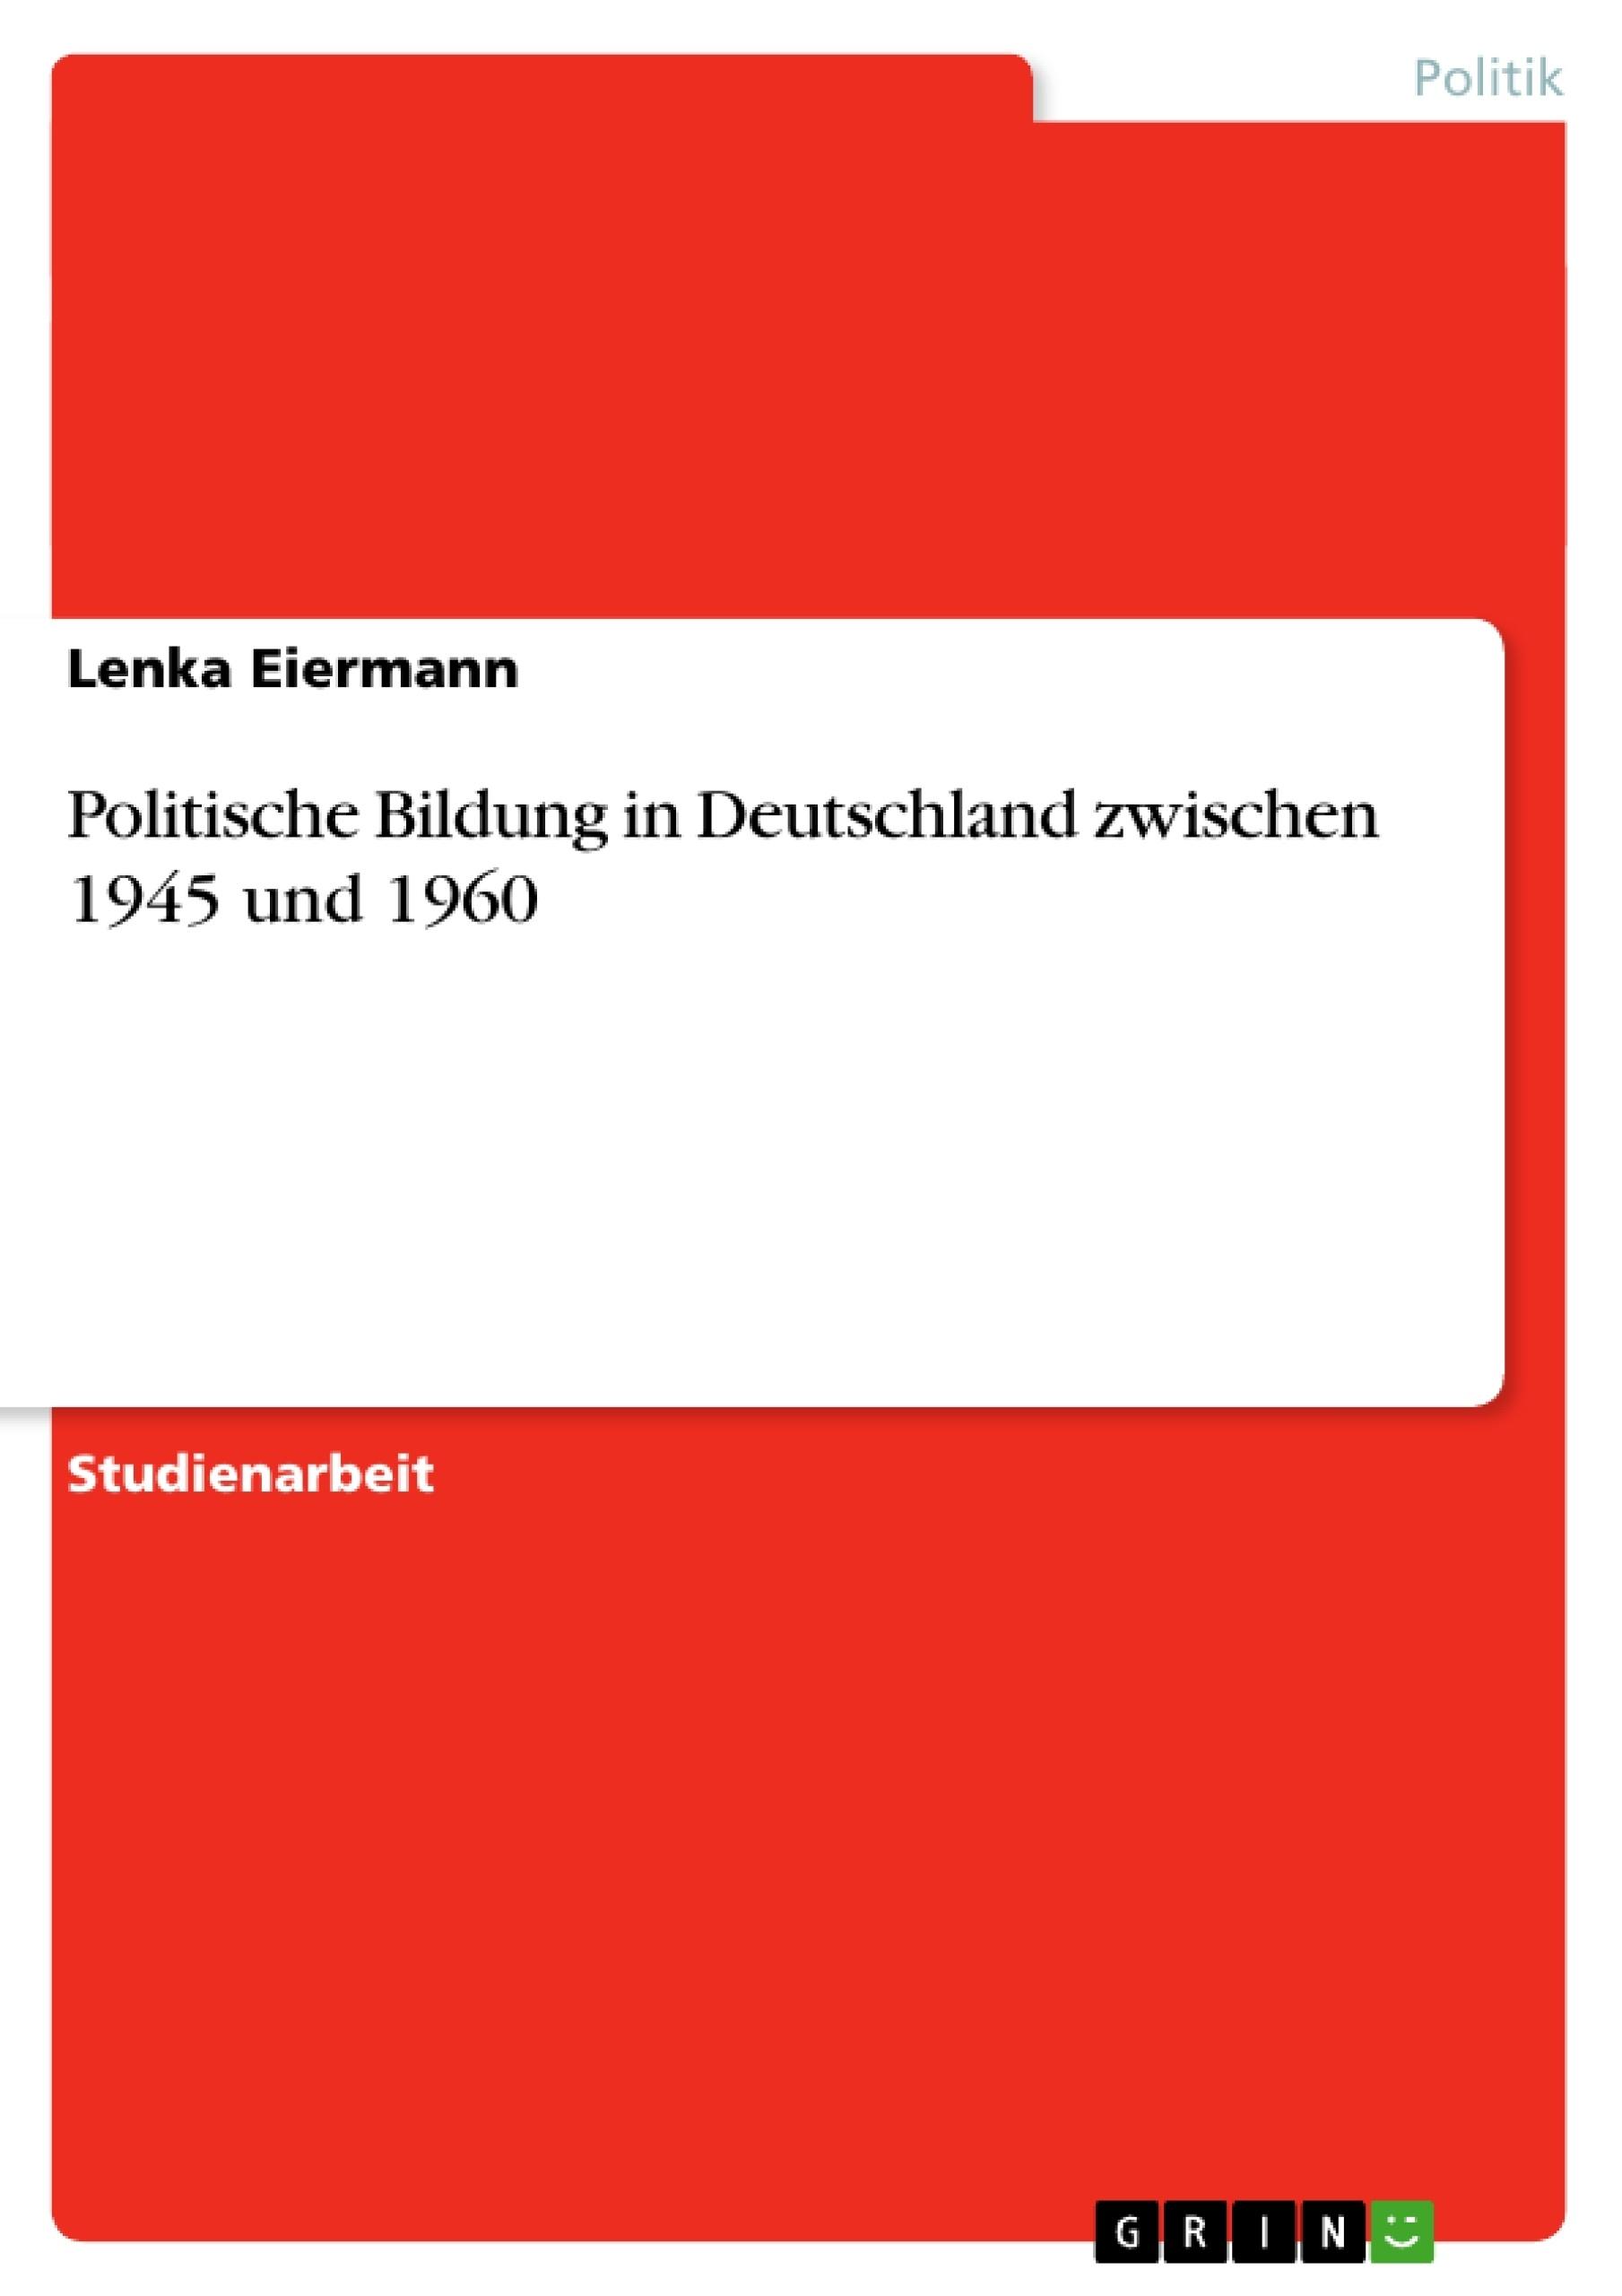 Titel: Politische Bildung in Deutschland zwischen 1945 und 1960